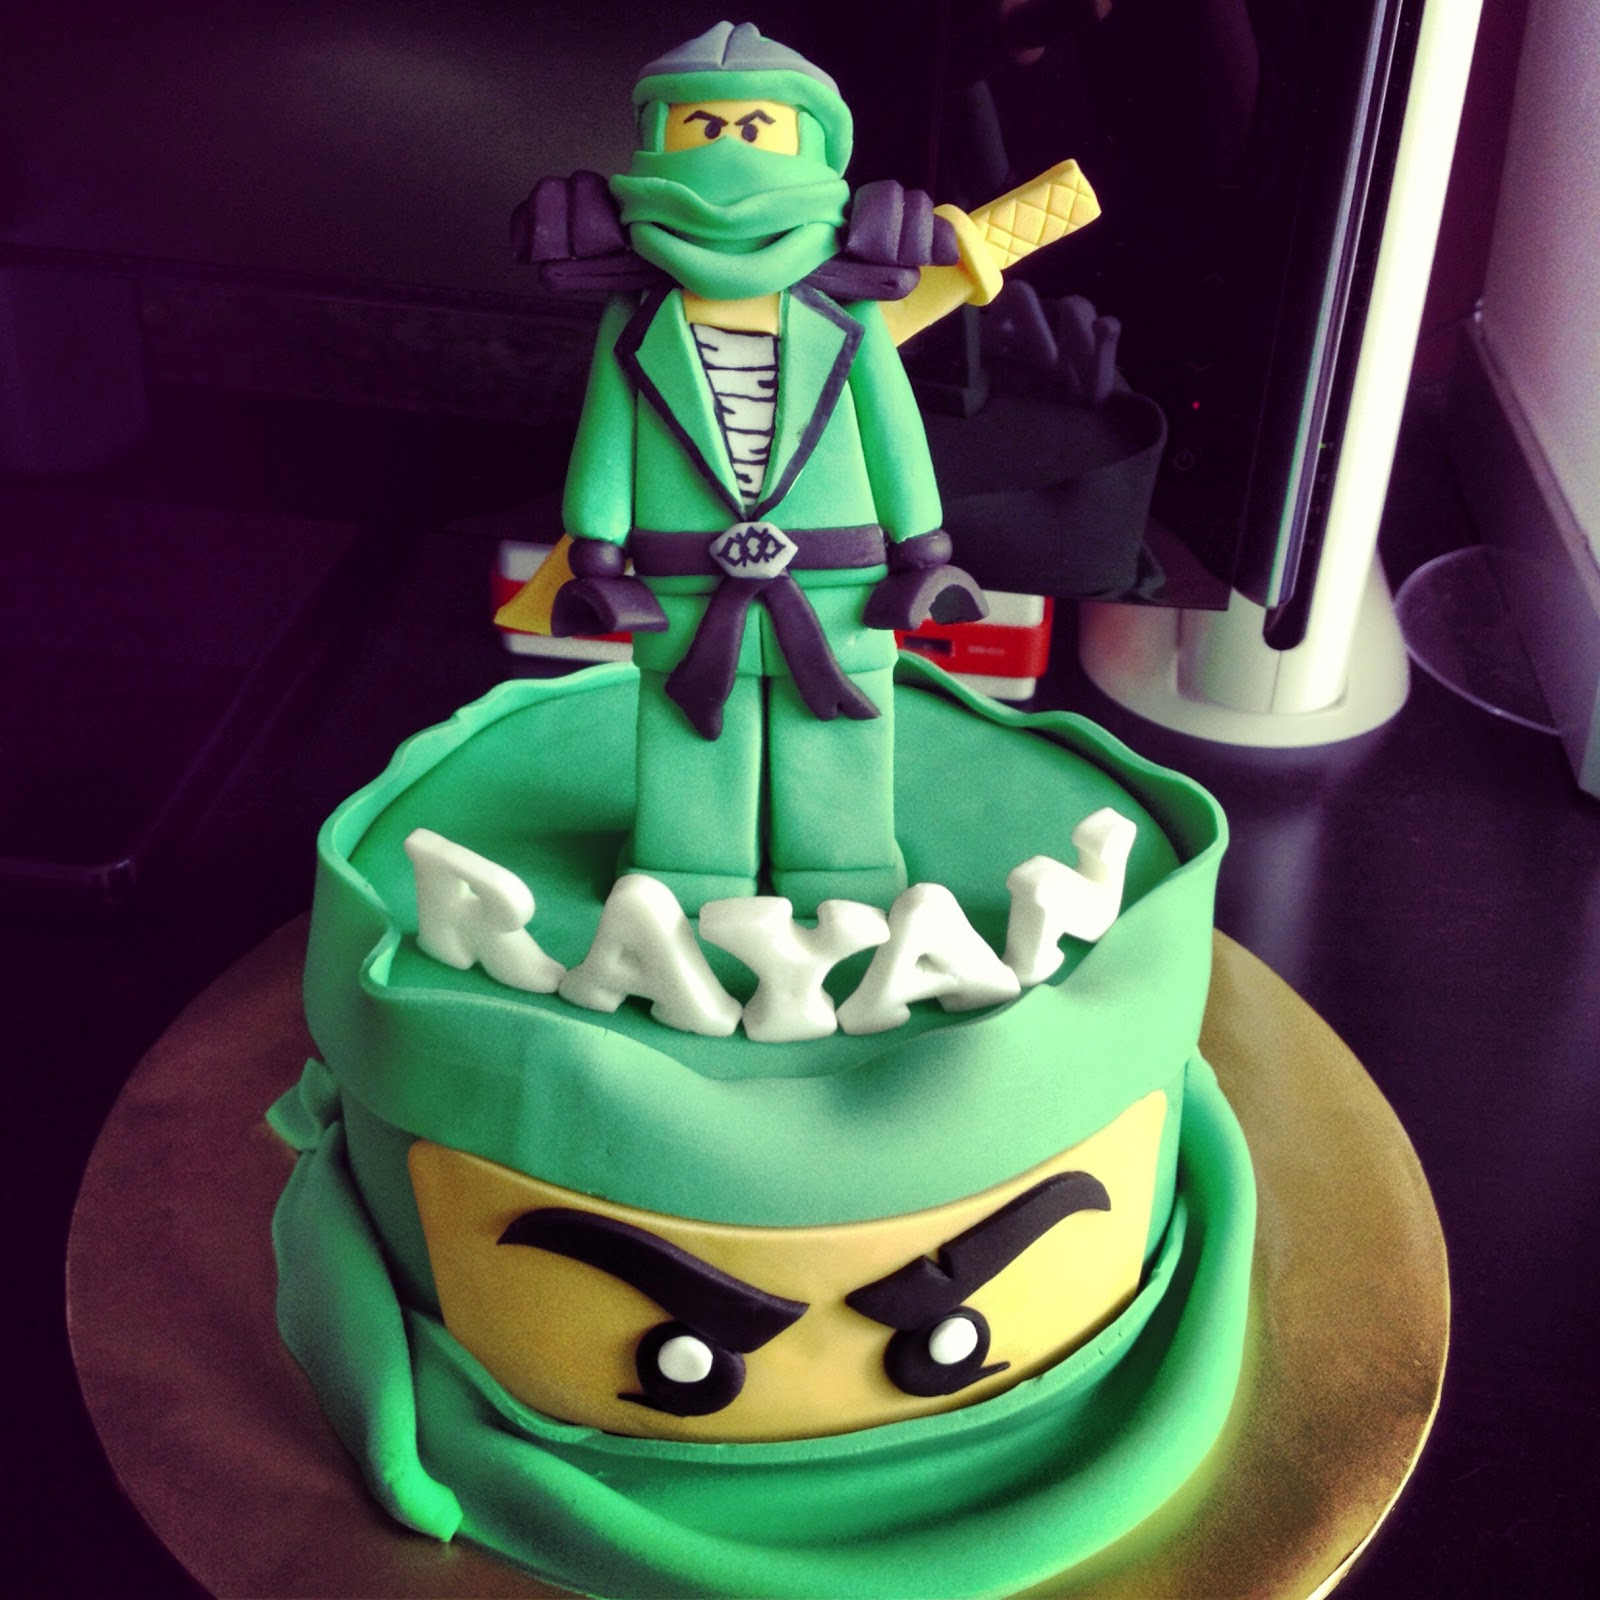 Comelicious lego ninjago lloyd zx cake - Ninjago lloyd ...